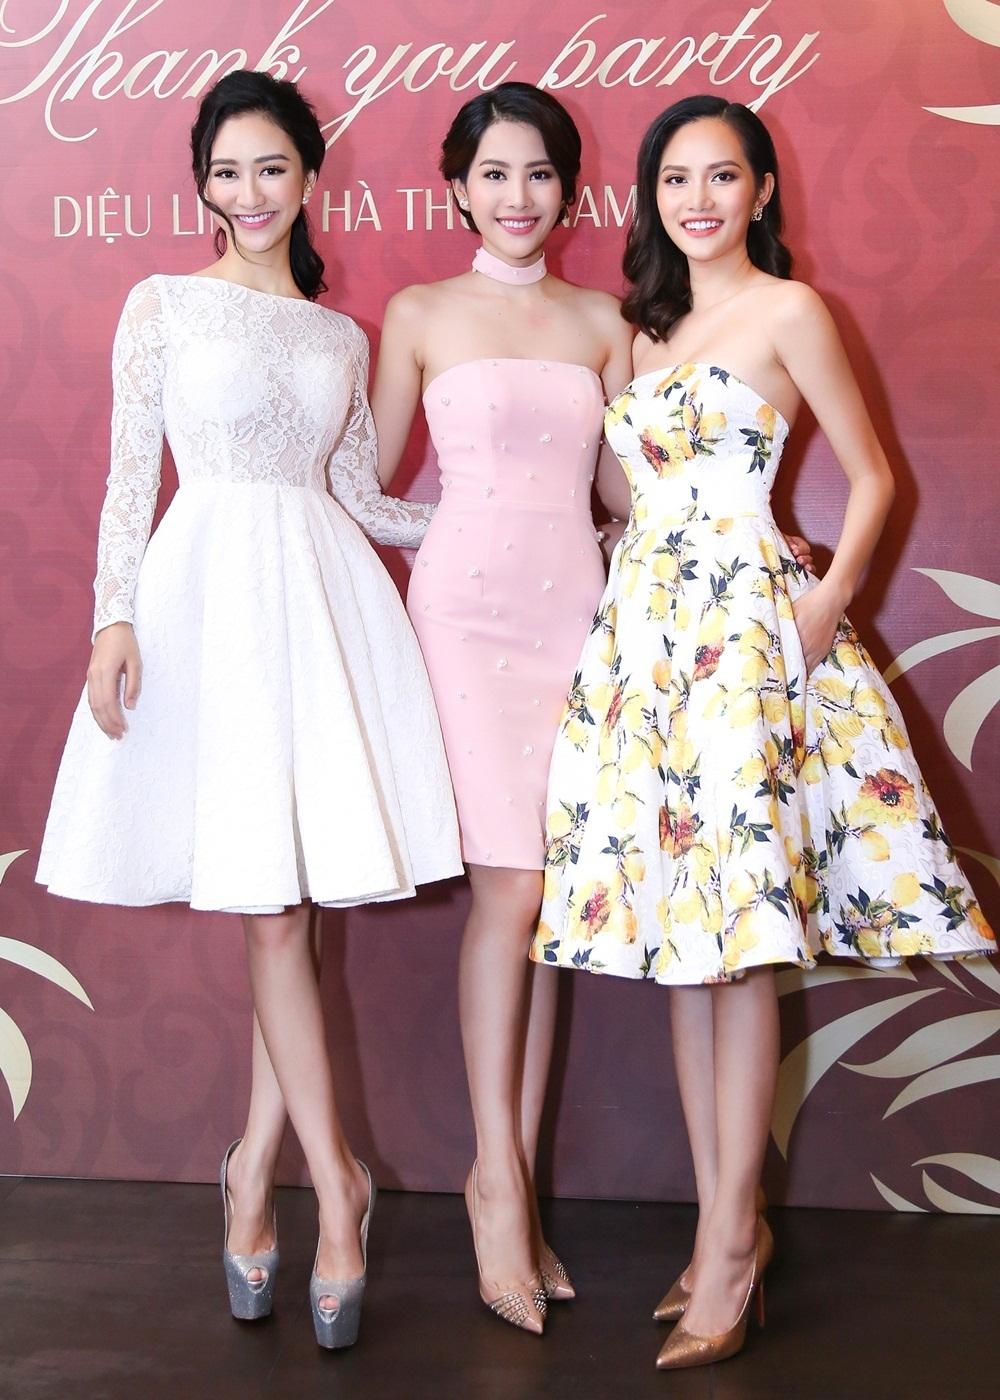 """Kể từ lần cuối cùng có đại diện tham gia vào năm 2012, đến năm nay Việt Nam mới lại trở lại với cuộc thi nhan sắc uy tín này. Kết quả cuối cùng khi chọn người đại diện cho Việt Nam sẽ sớm được công bố trong thời gian tới. Hiện tại, đang có nhiều cái tên được """"đưa lên bàn cân"""" và được đánh giá là nhiều khả năng sẽ đại diện Việt Nam tham gia Miss Earth 2016: Nam Em, Hà Thu, Diệu Linh, Trúc Linh…"""